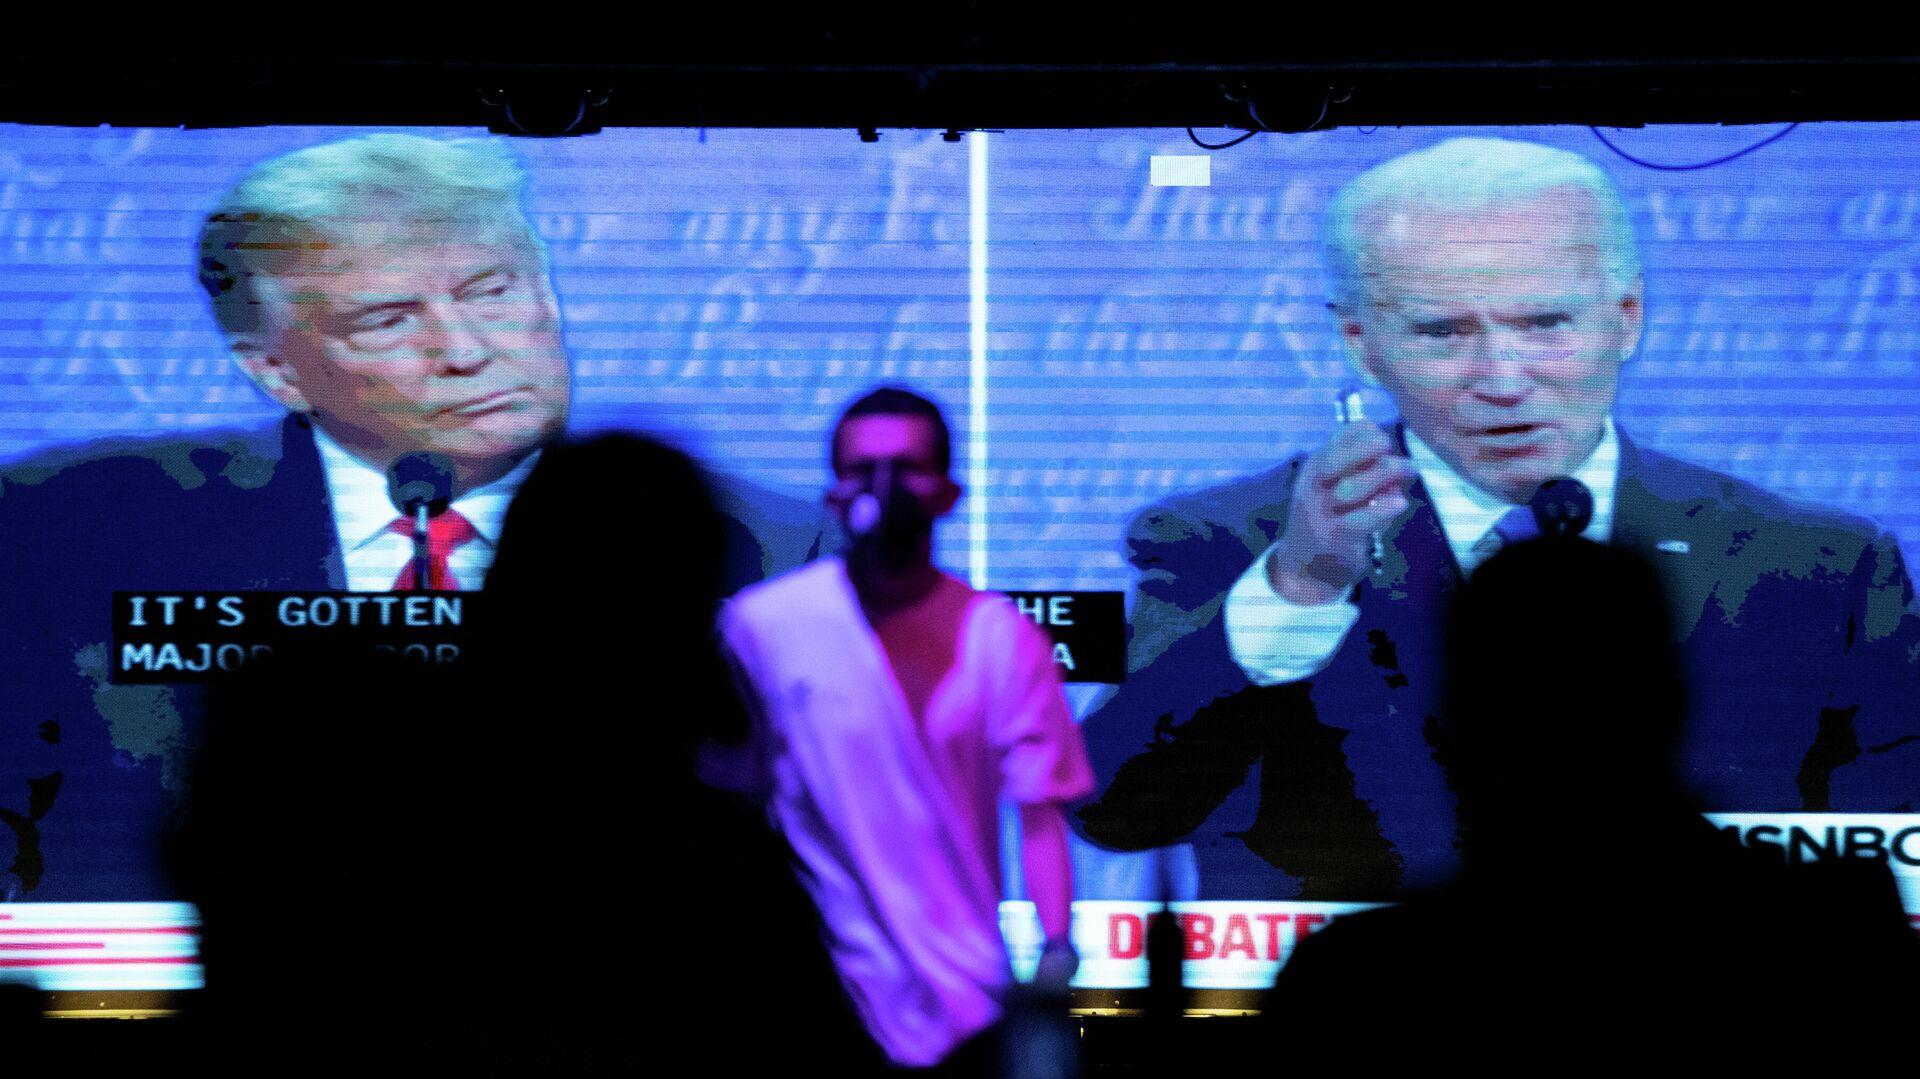 Жители Калифорнии смотрят трансляцию дебатов между президентом США Дональдом Трампом и кандидатом в президенты Джо Байденом - РИА Новости, 1920, 02.11.2020